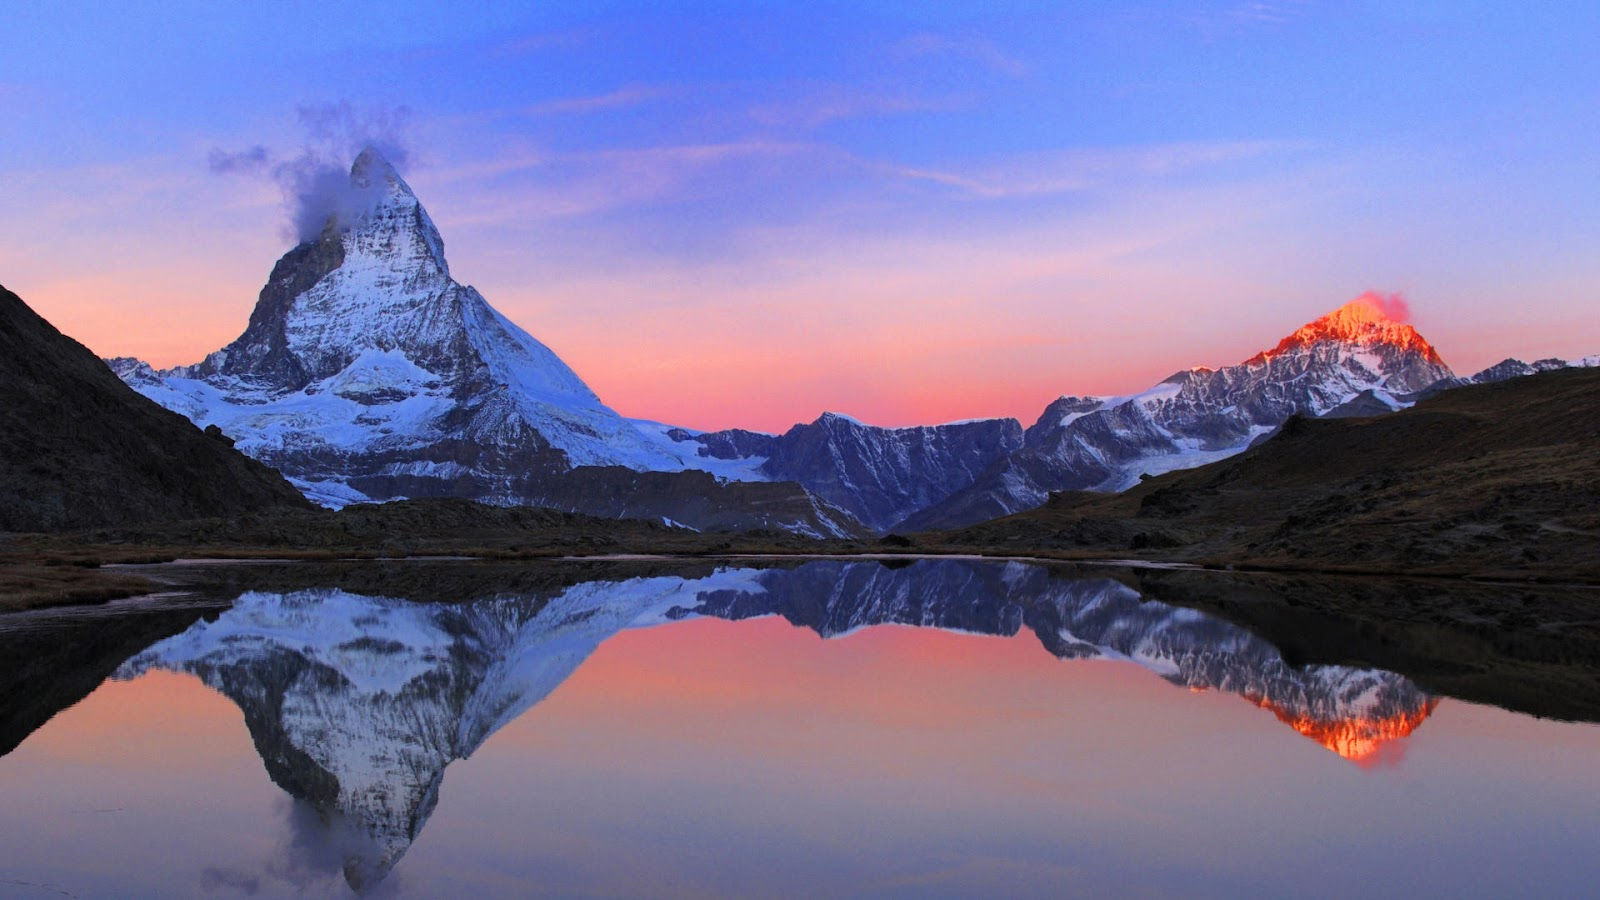 http://1.bp.blogspot.com/-2u8y44uVtWc/Tk0pdtrSiaI/AAAAAAAAEbE/HHcH6fPHWTY/s1600/Beautiful+Cold+Landscapes++HD+Wallpaper+1920+X+1080+43.jpg